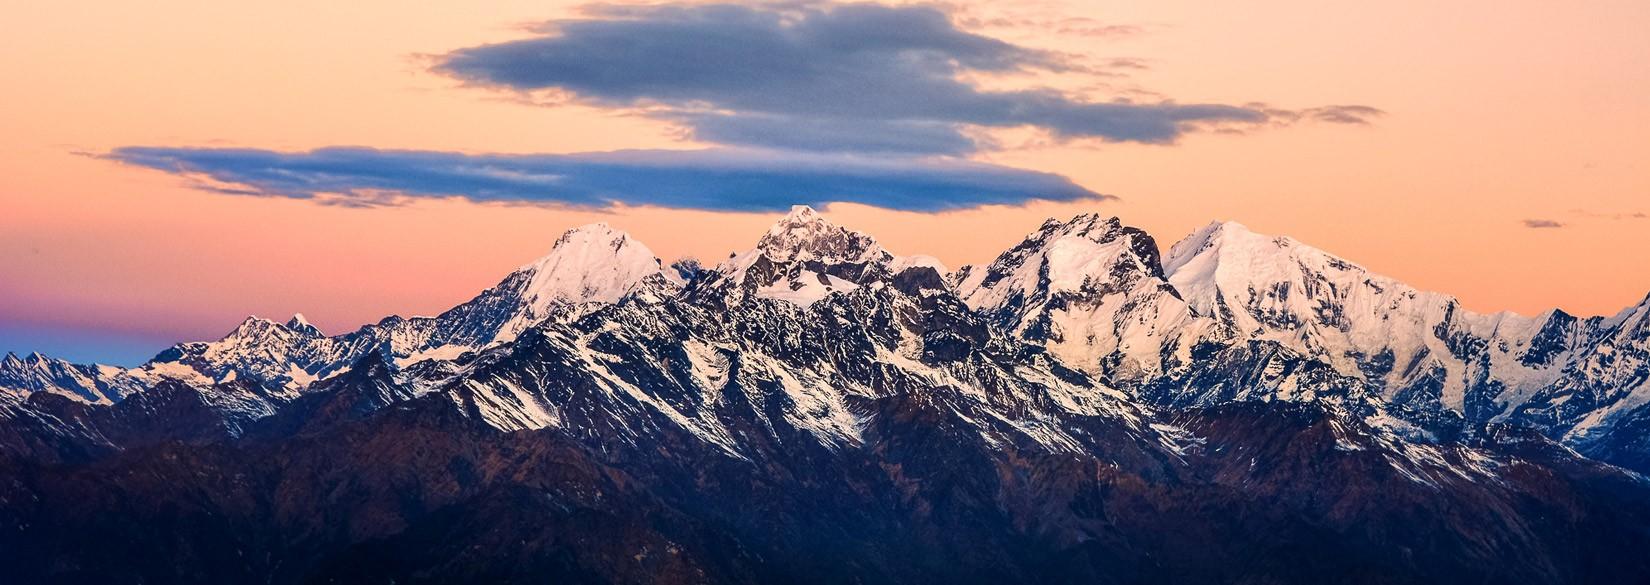 Discover Langtang Ganesh Himal Valley